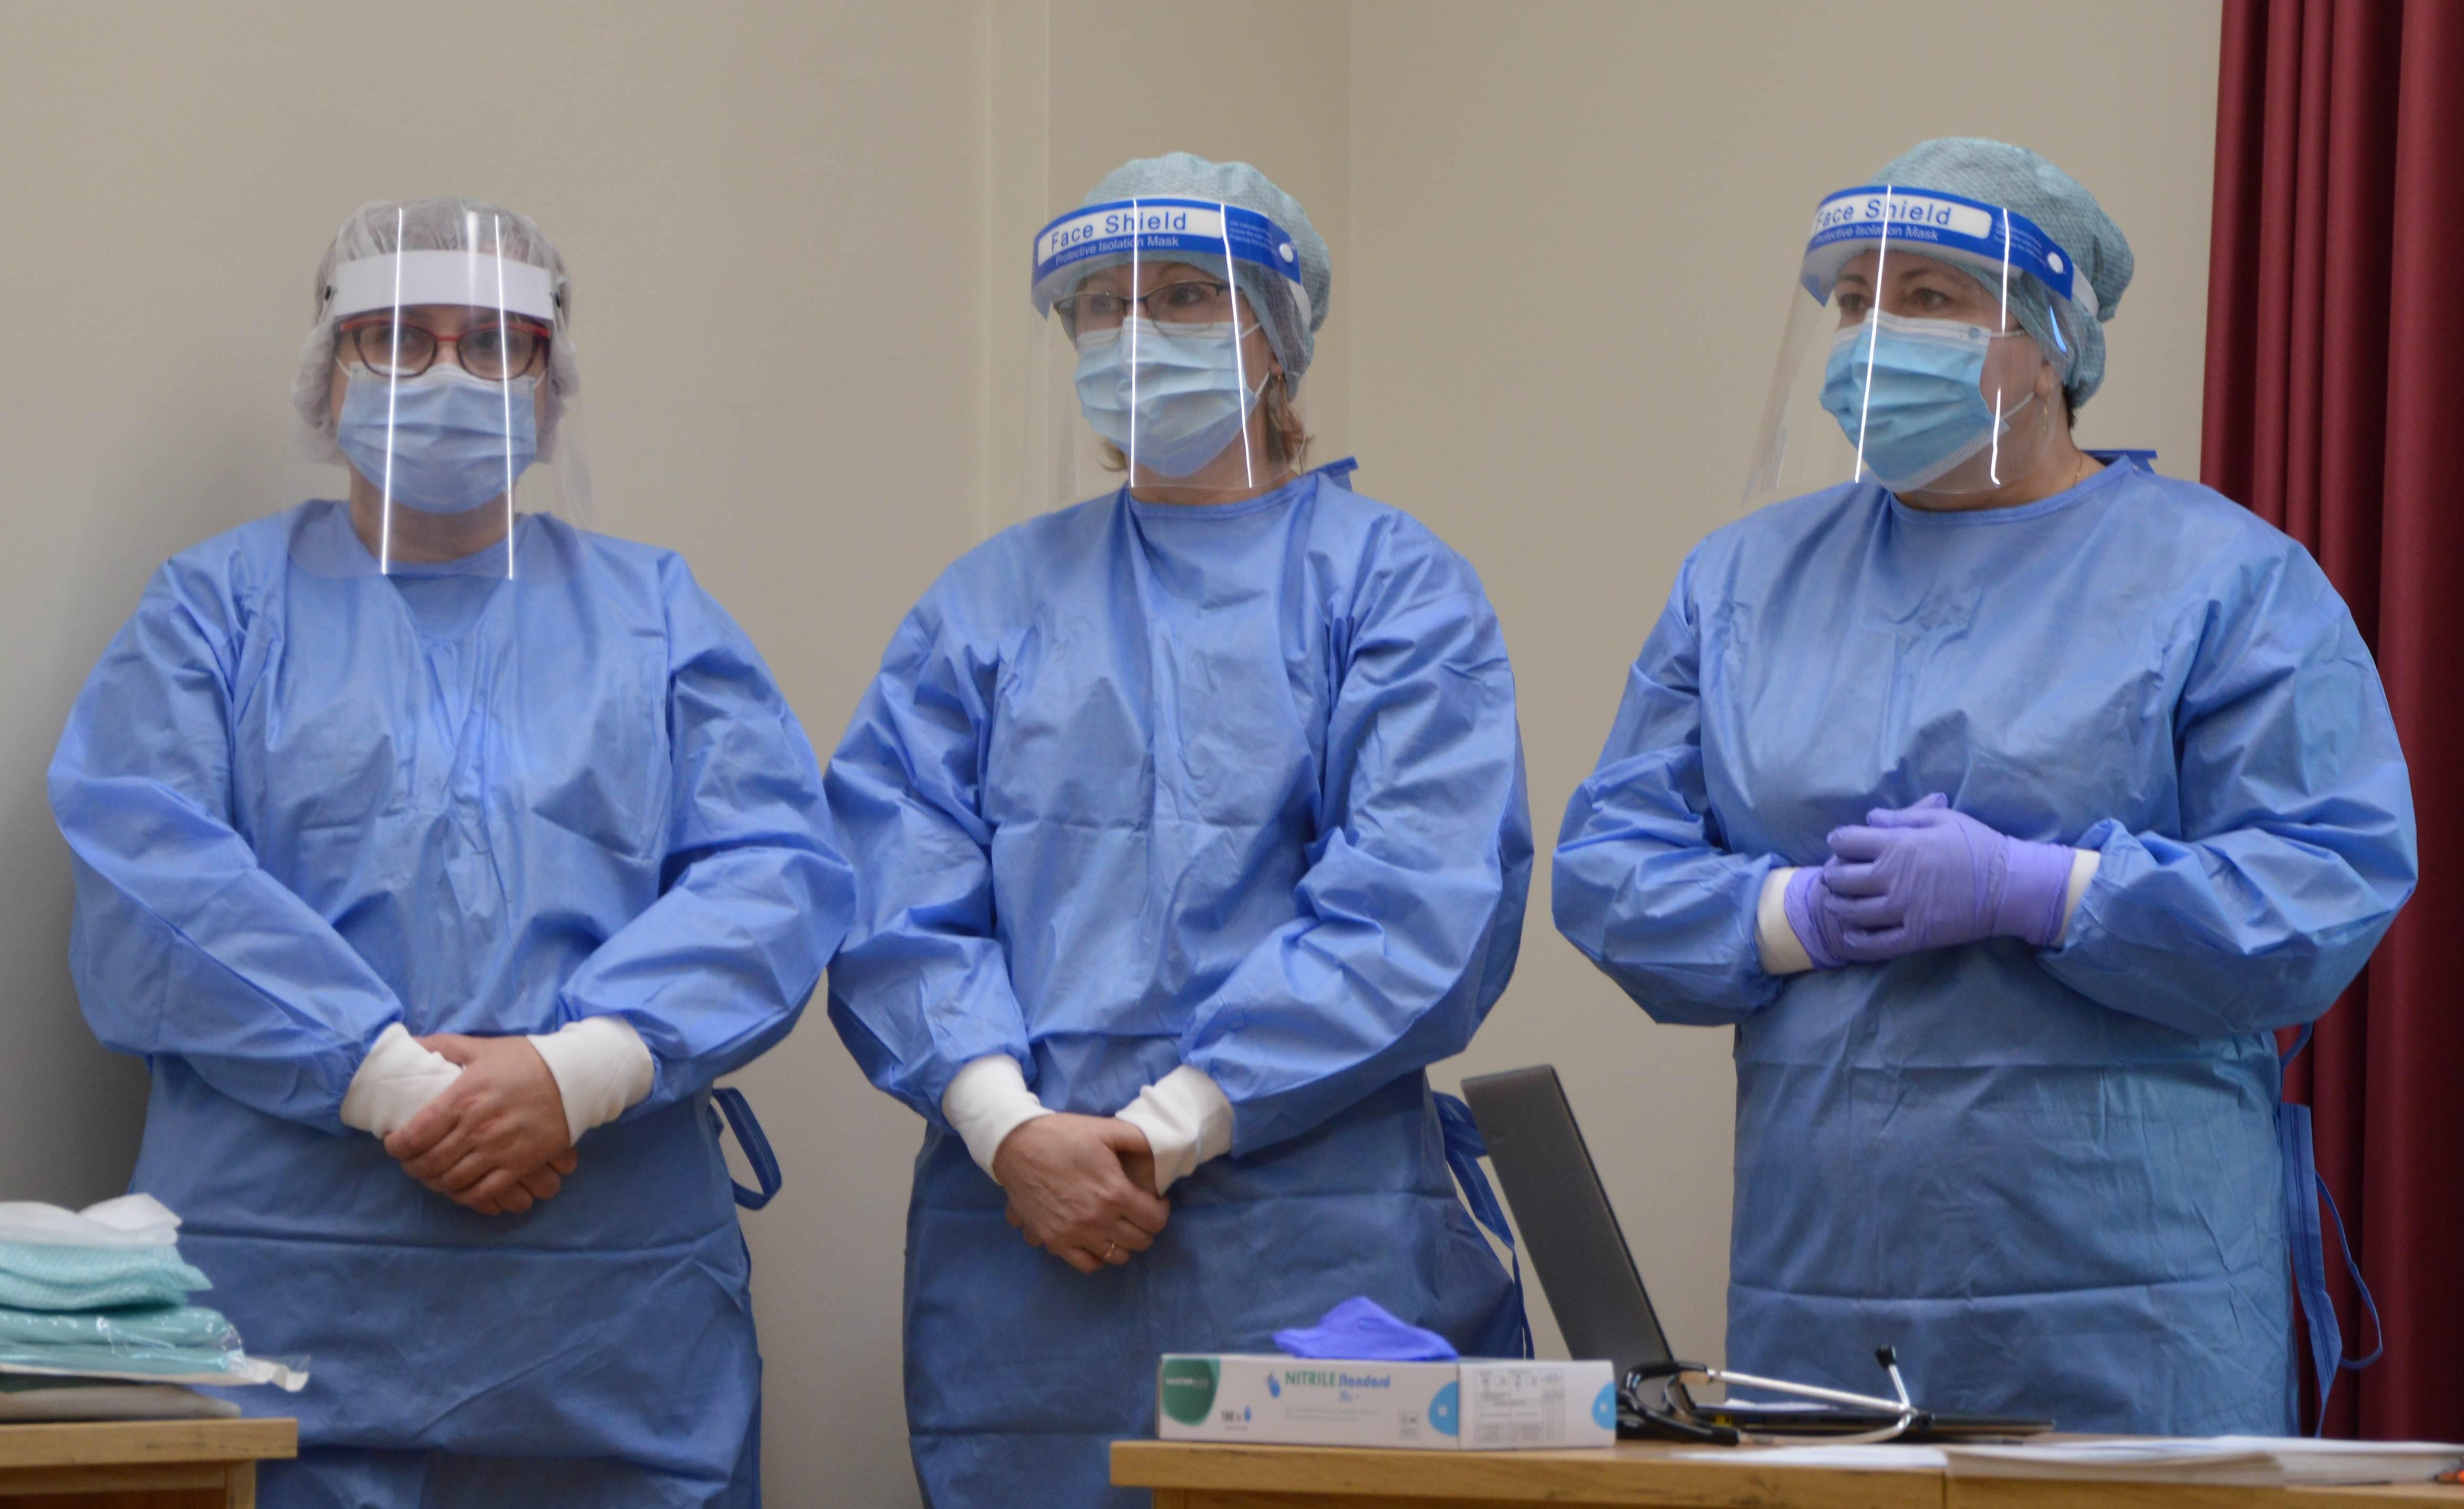 Koronawirus: kto nas zaszczepi przeciwko COVID-19? Pomysł rządu: student albo fizjoterapeuta - Zdjęcie główne